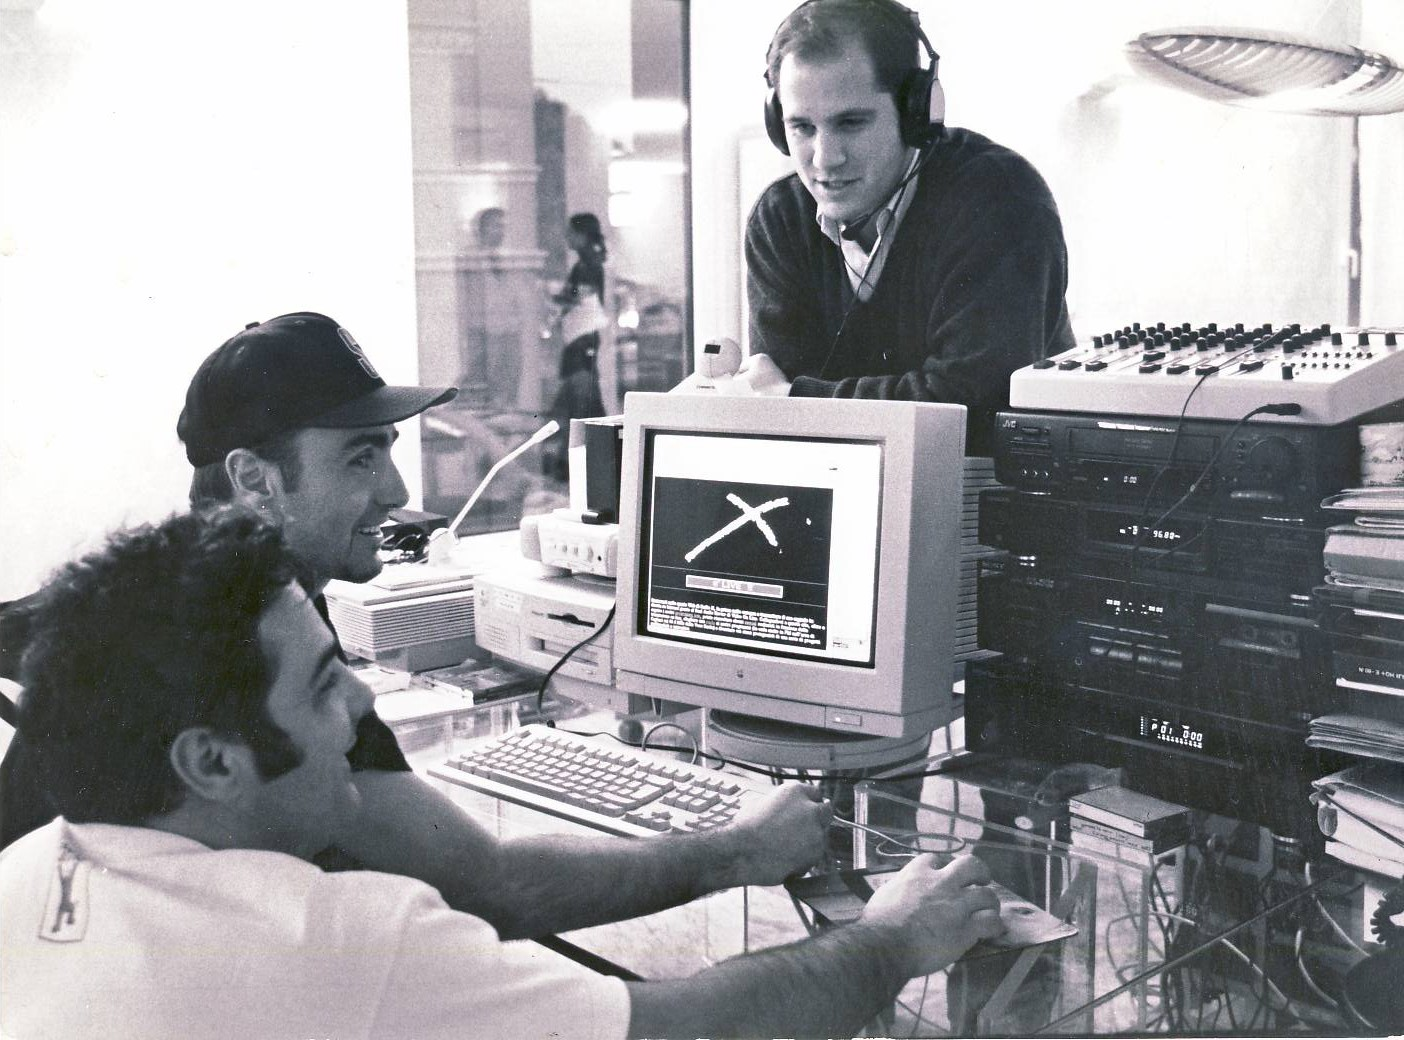 radiox1995